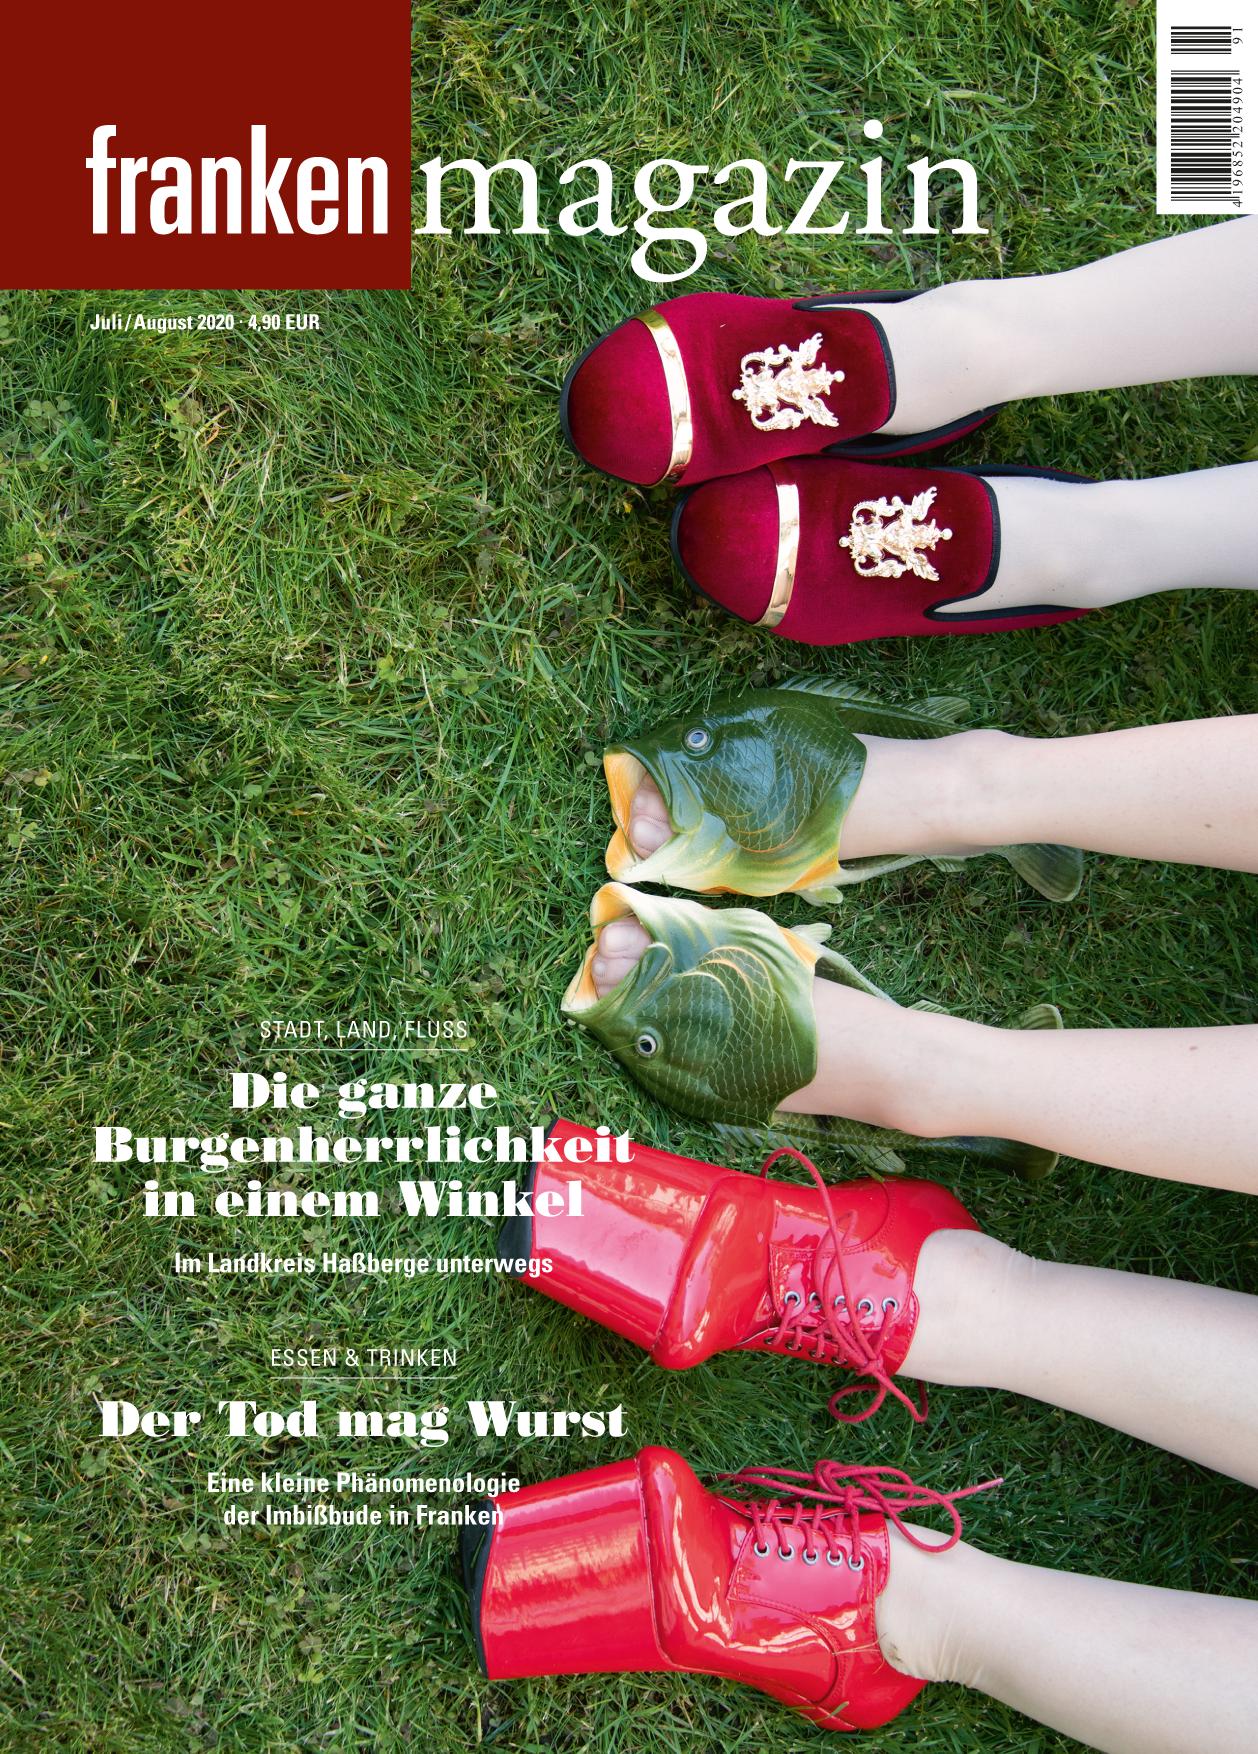 Franken-Magazin Juli / August 2020